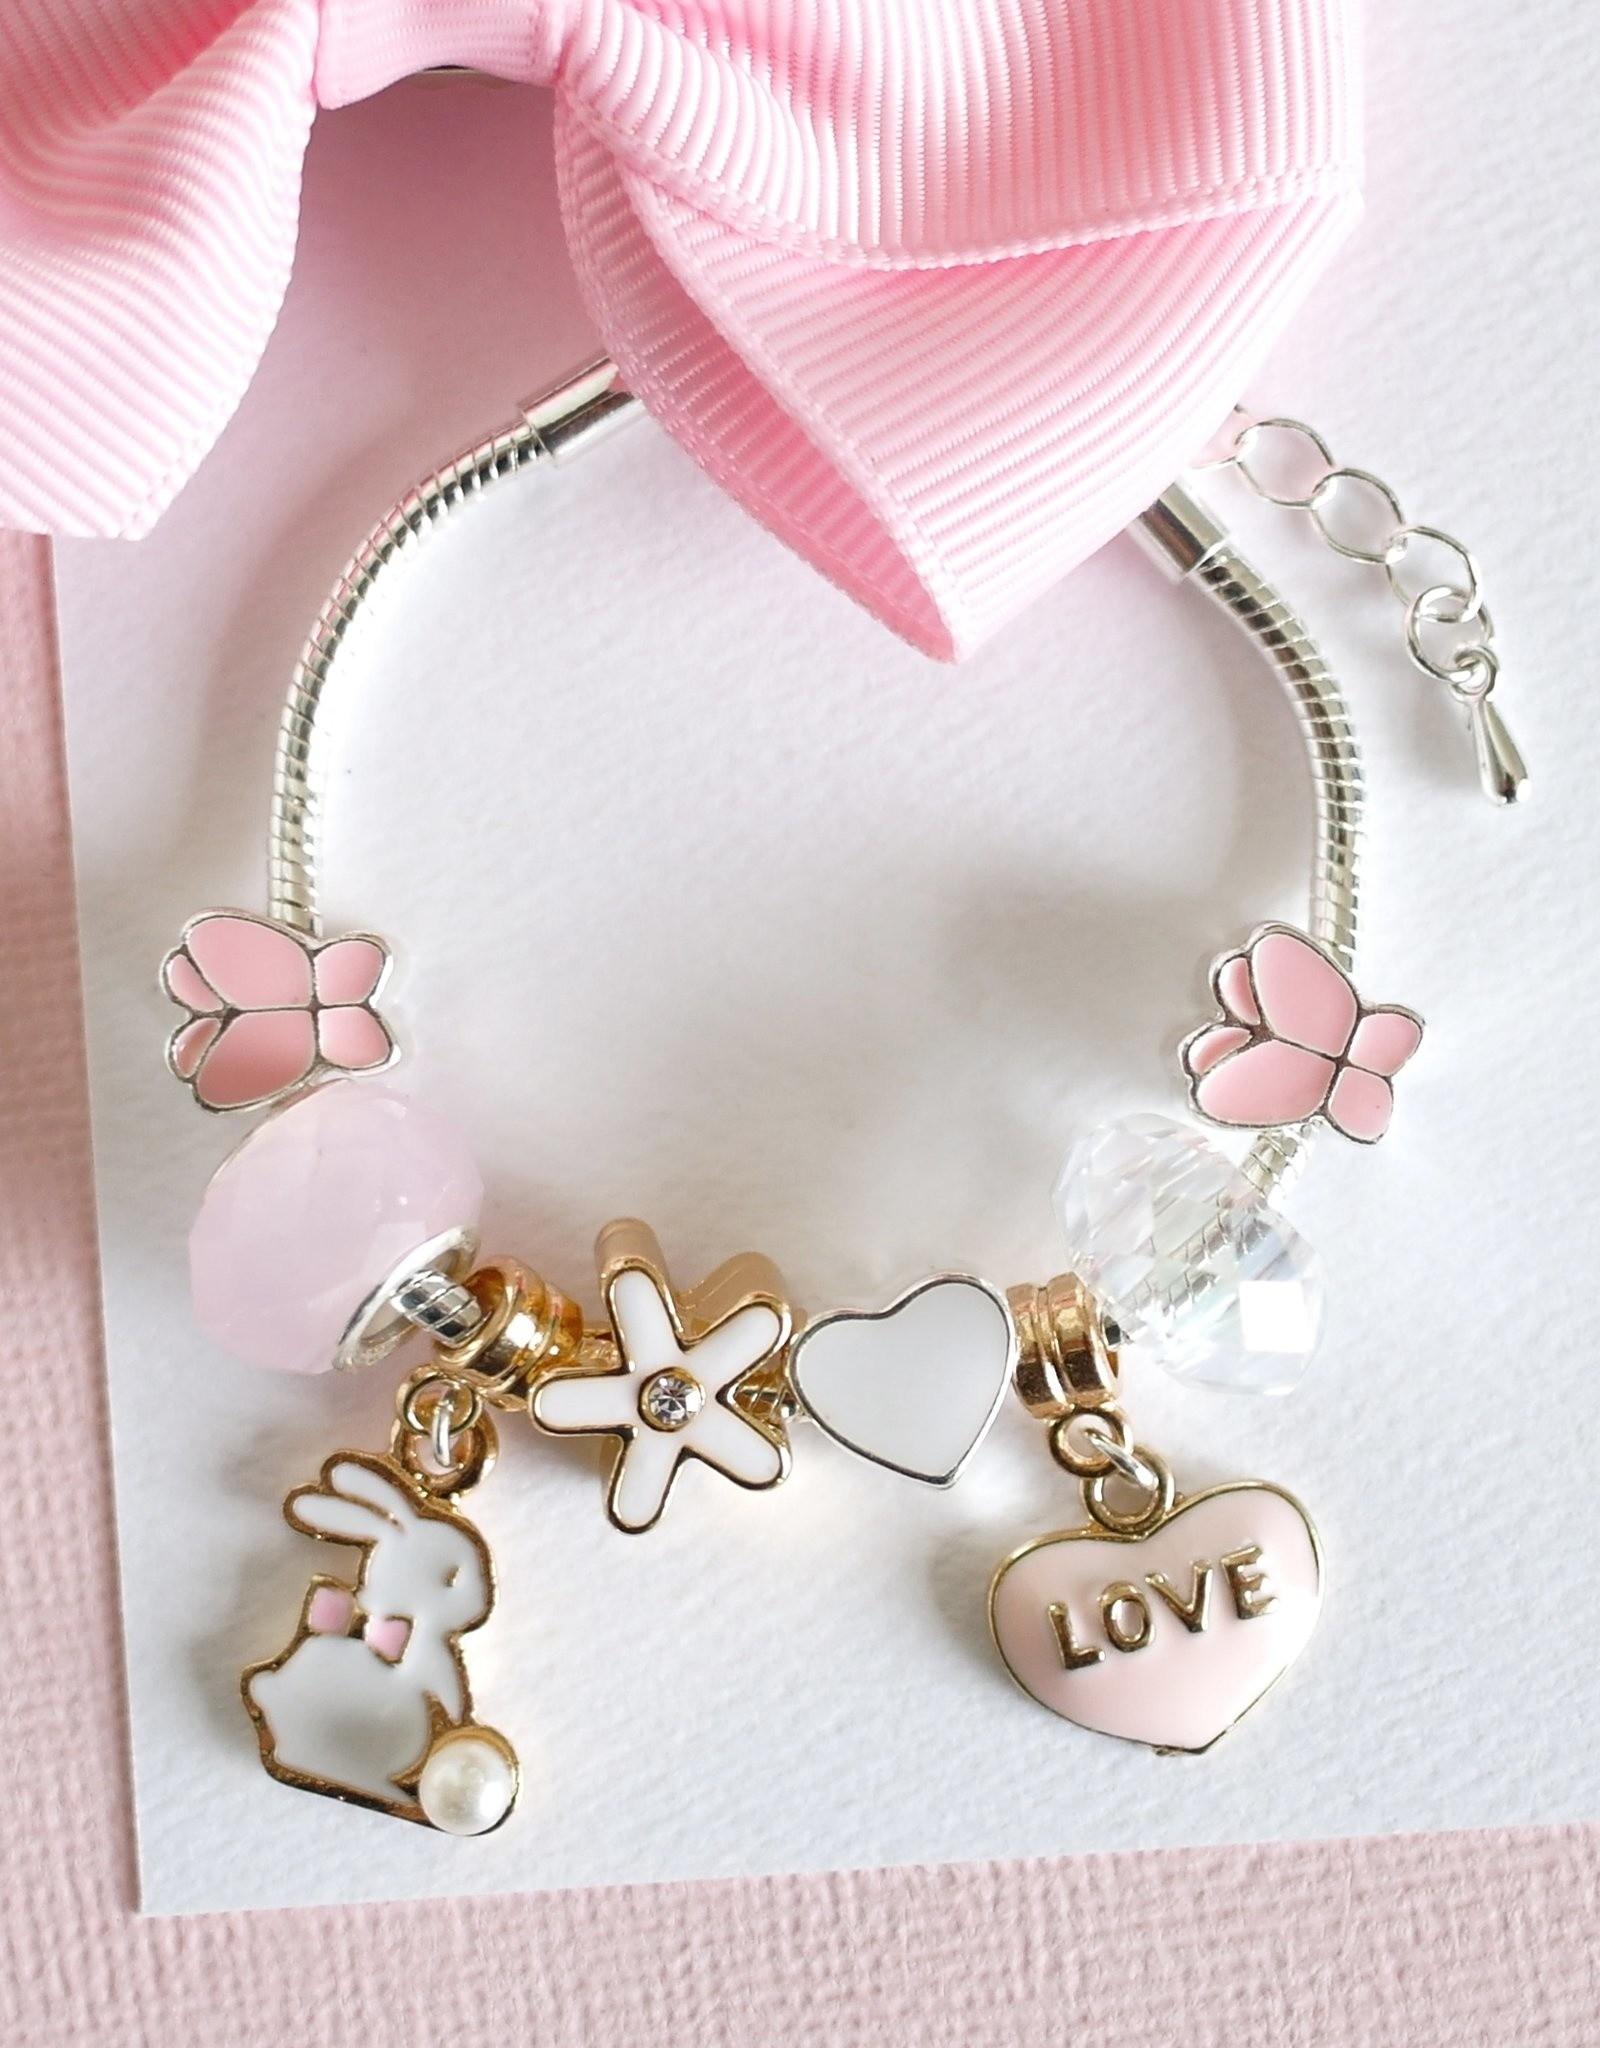 Lauren Hinkley Lauren Hinkley - Bunny Charm Bracelet